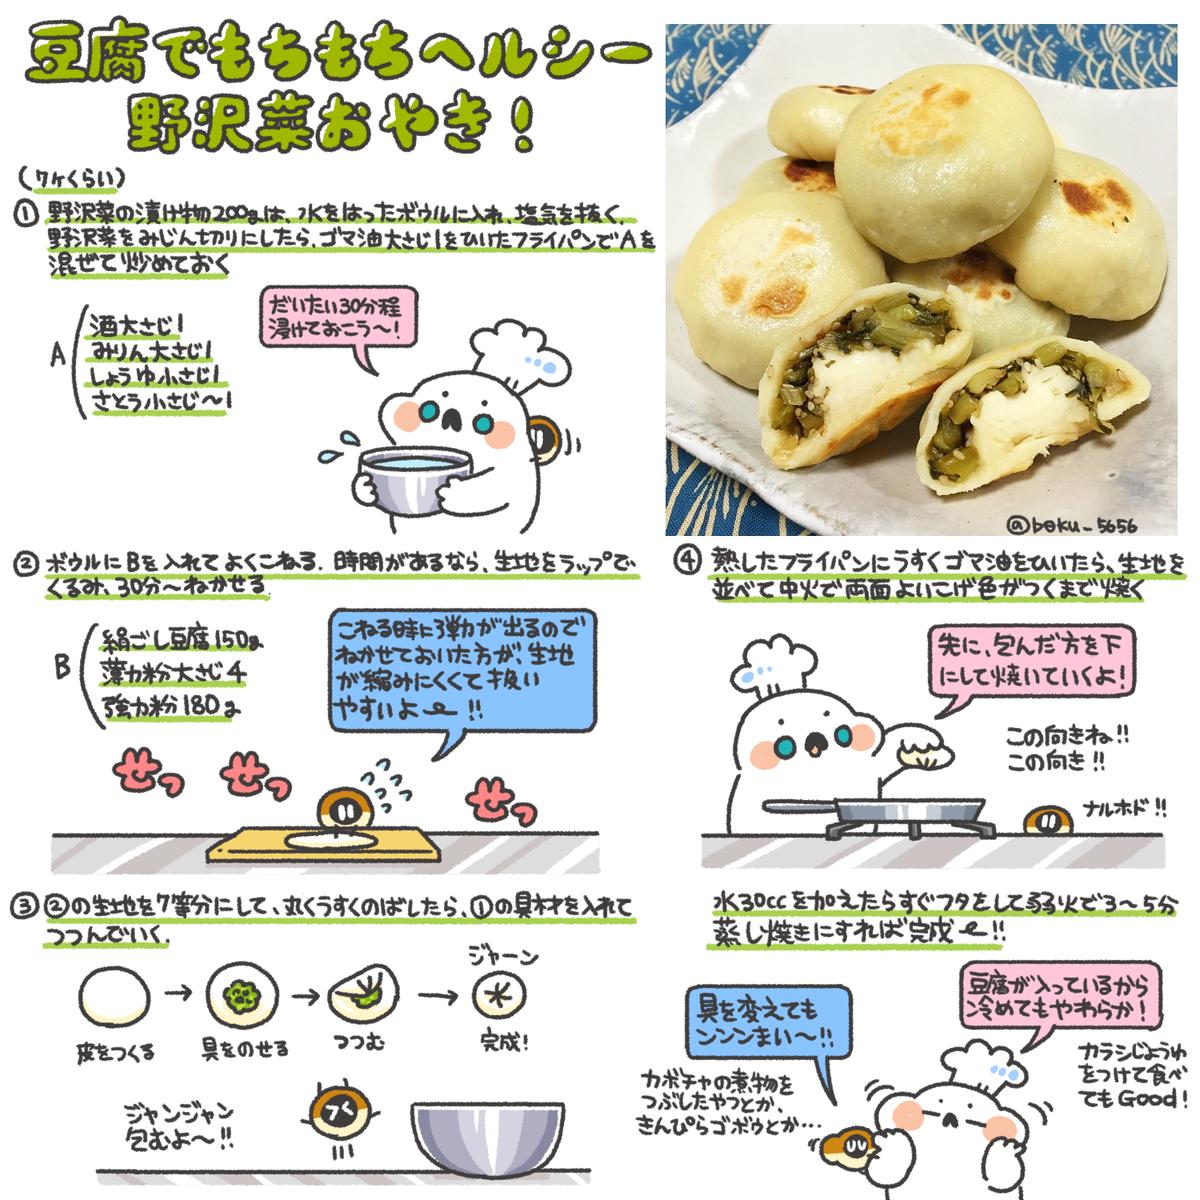 豆腐でもちもちヘルシー!野沢菜おやきのレシピまとめました!٩( OO )۶